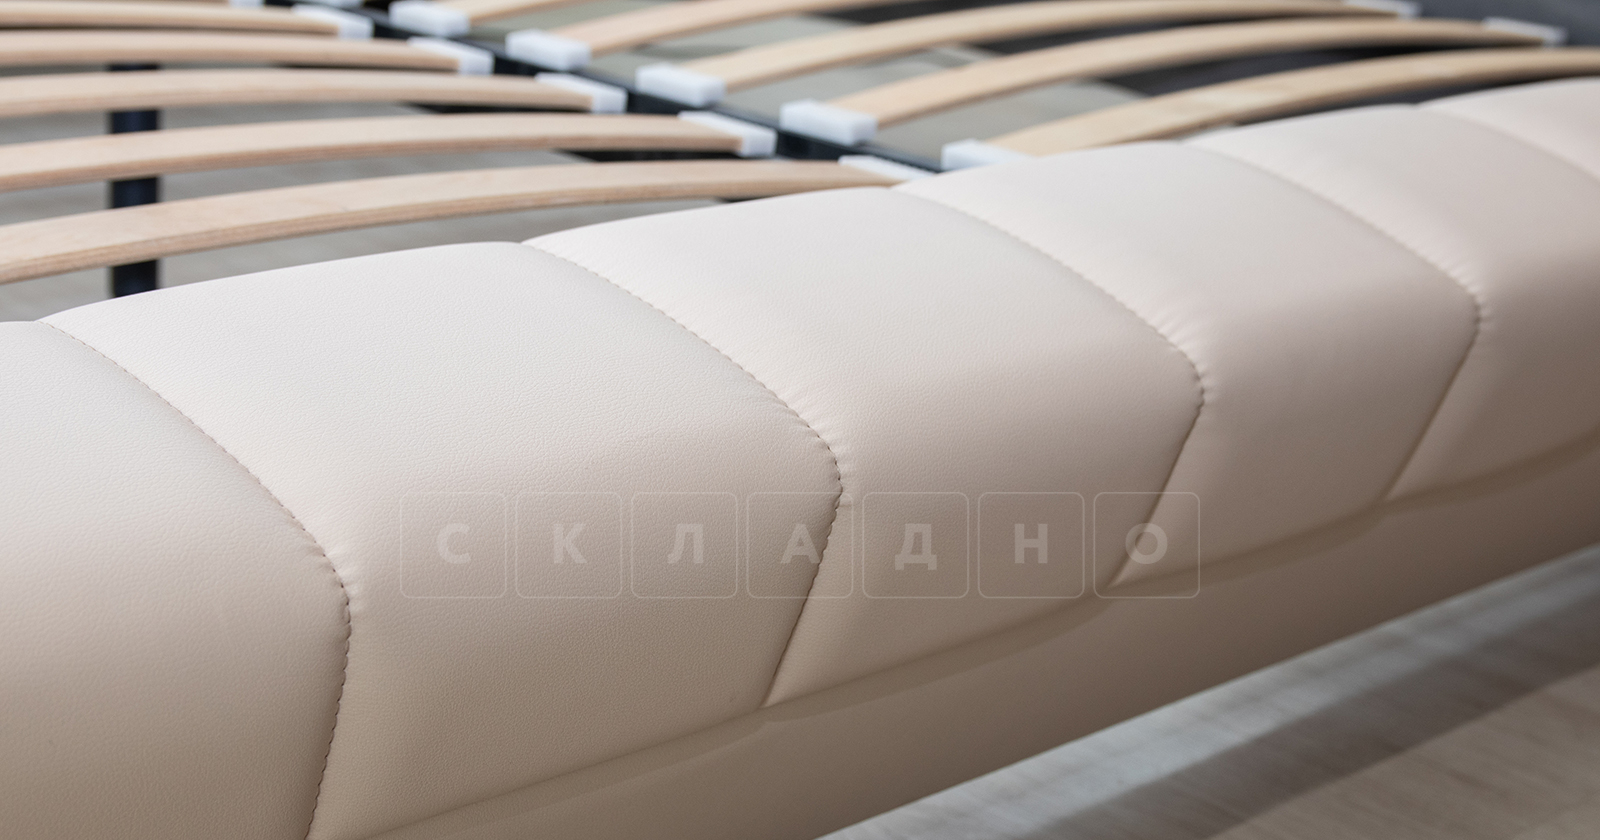 Мягкая кровать Оливия 160 см экокожа бежевый фото 9   интернет-магазин Складно